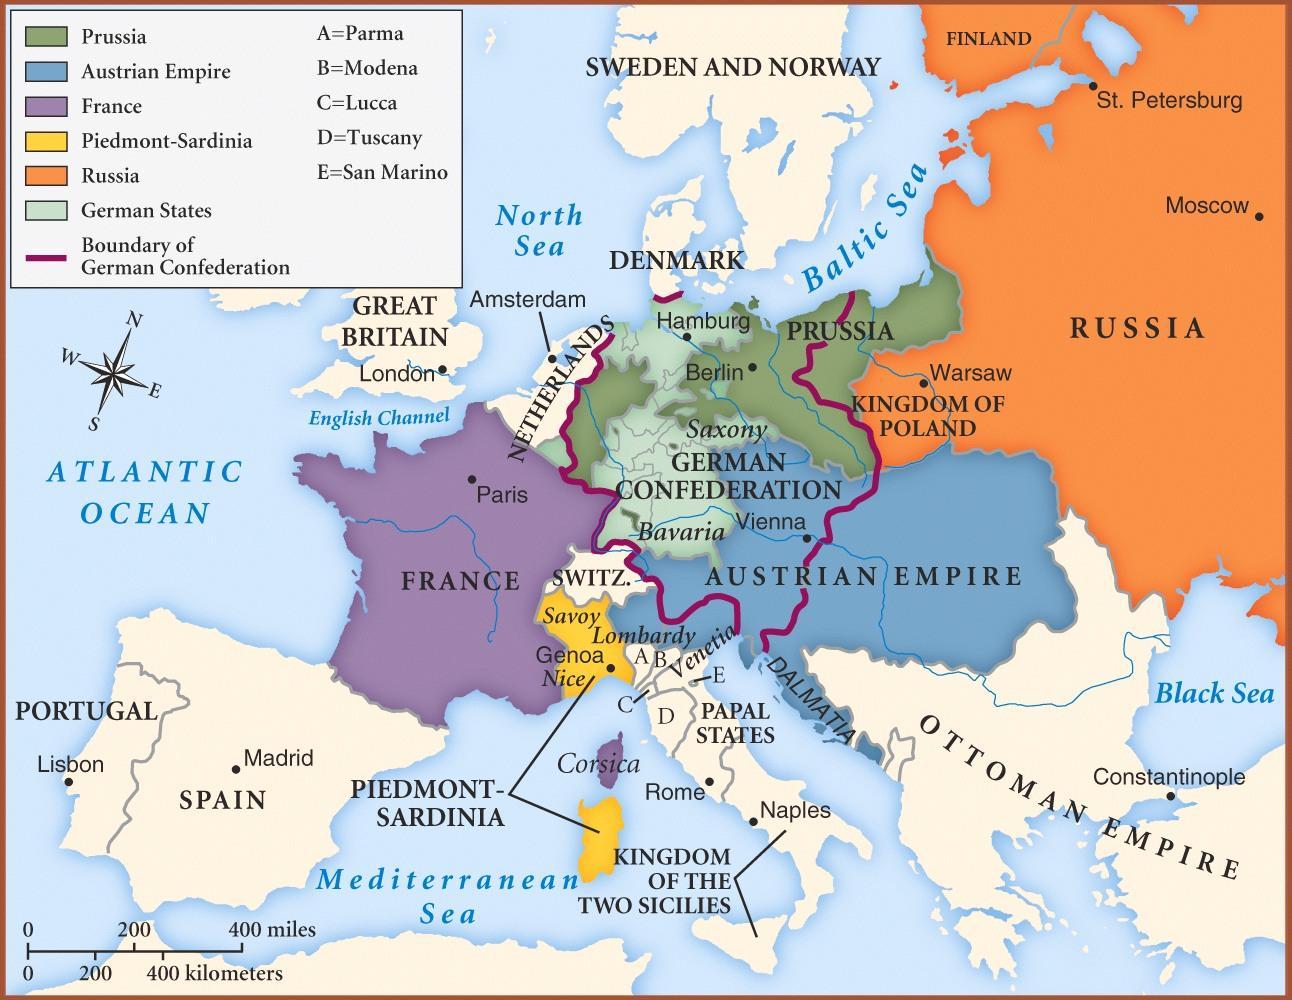 Vienna world map - Vienna Austria world map (Austria)